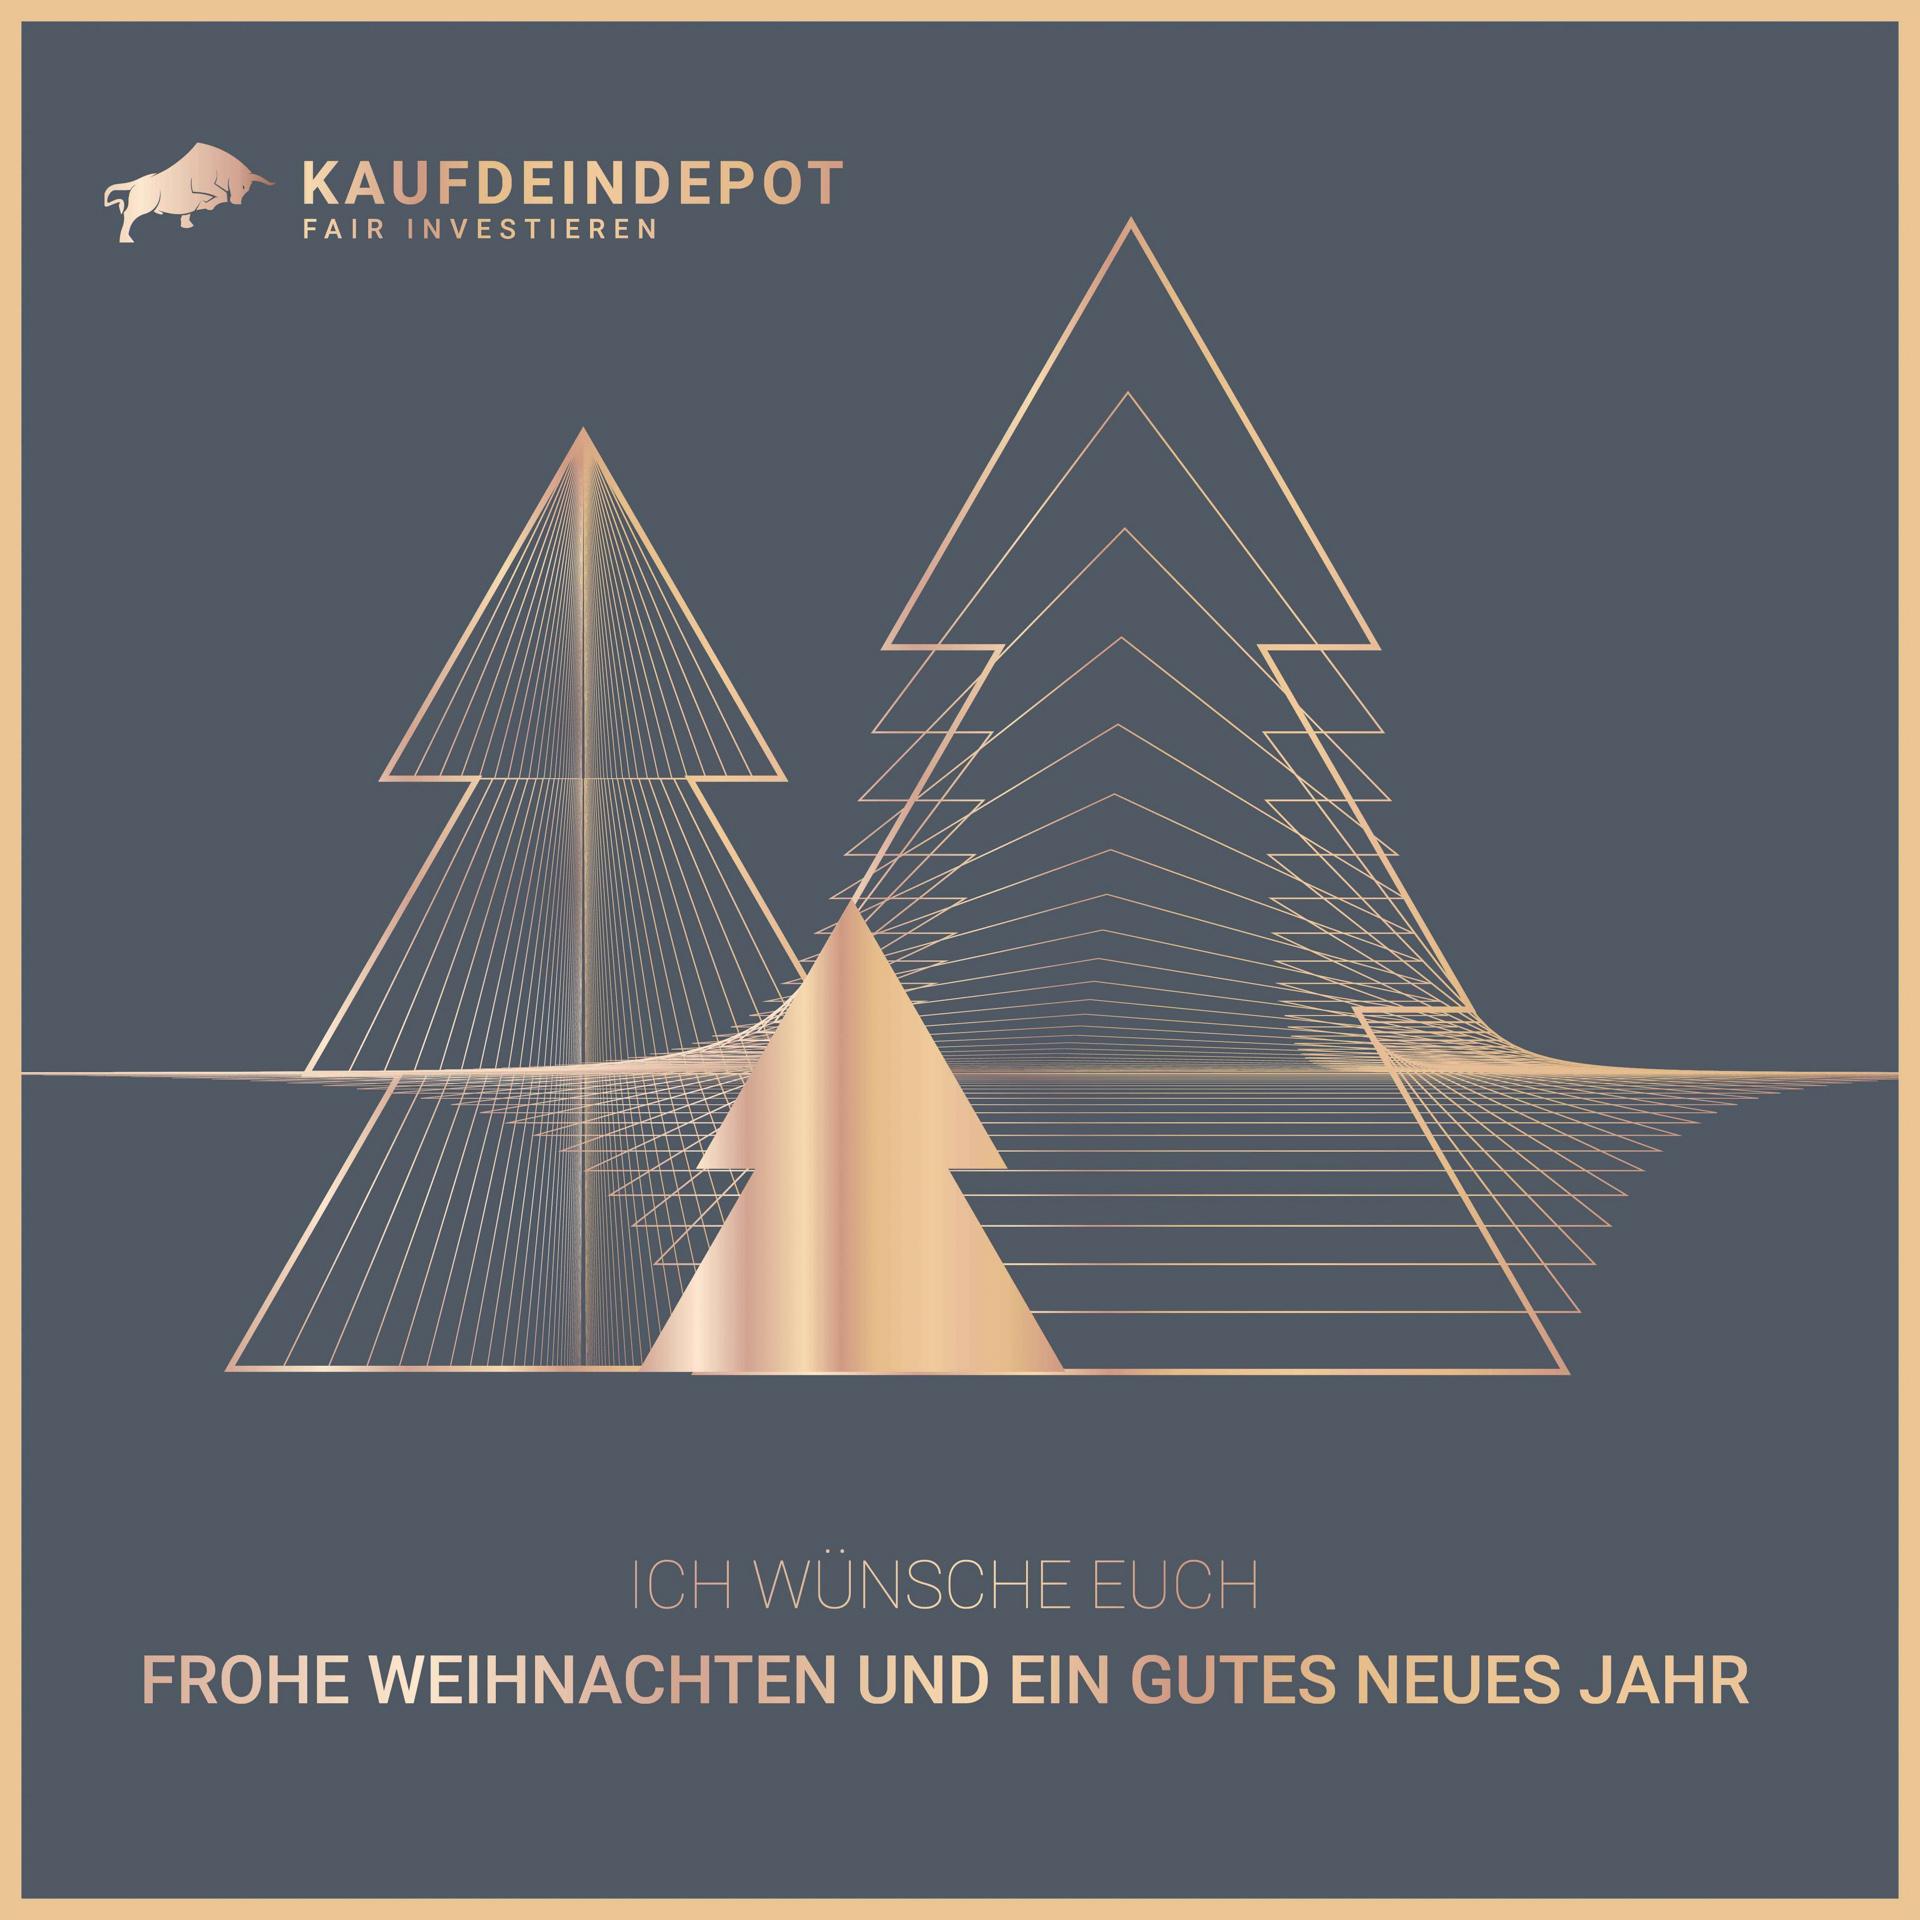 gniced-daniel gross-pfaffenhofen-grafikdesign-print-druckprodukte-25